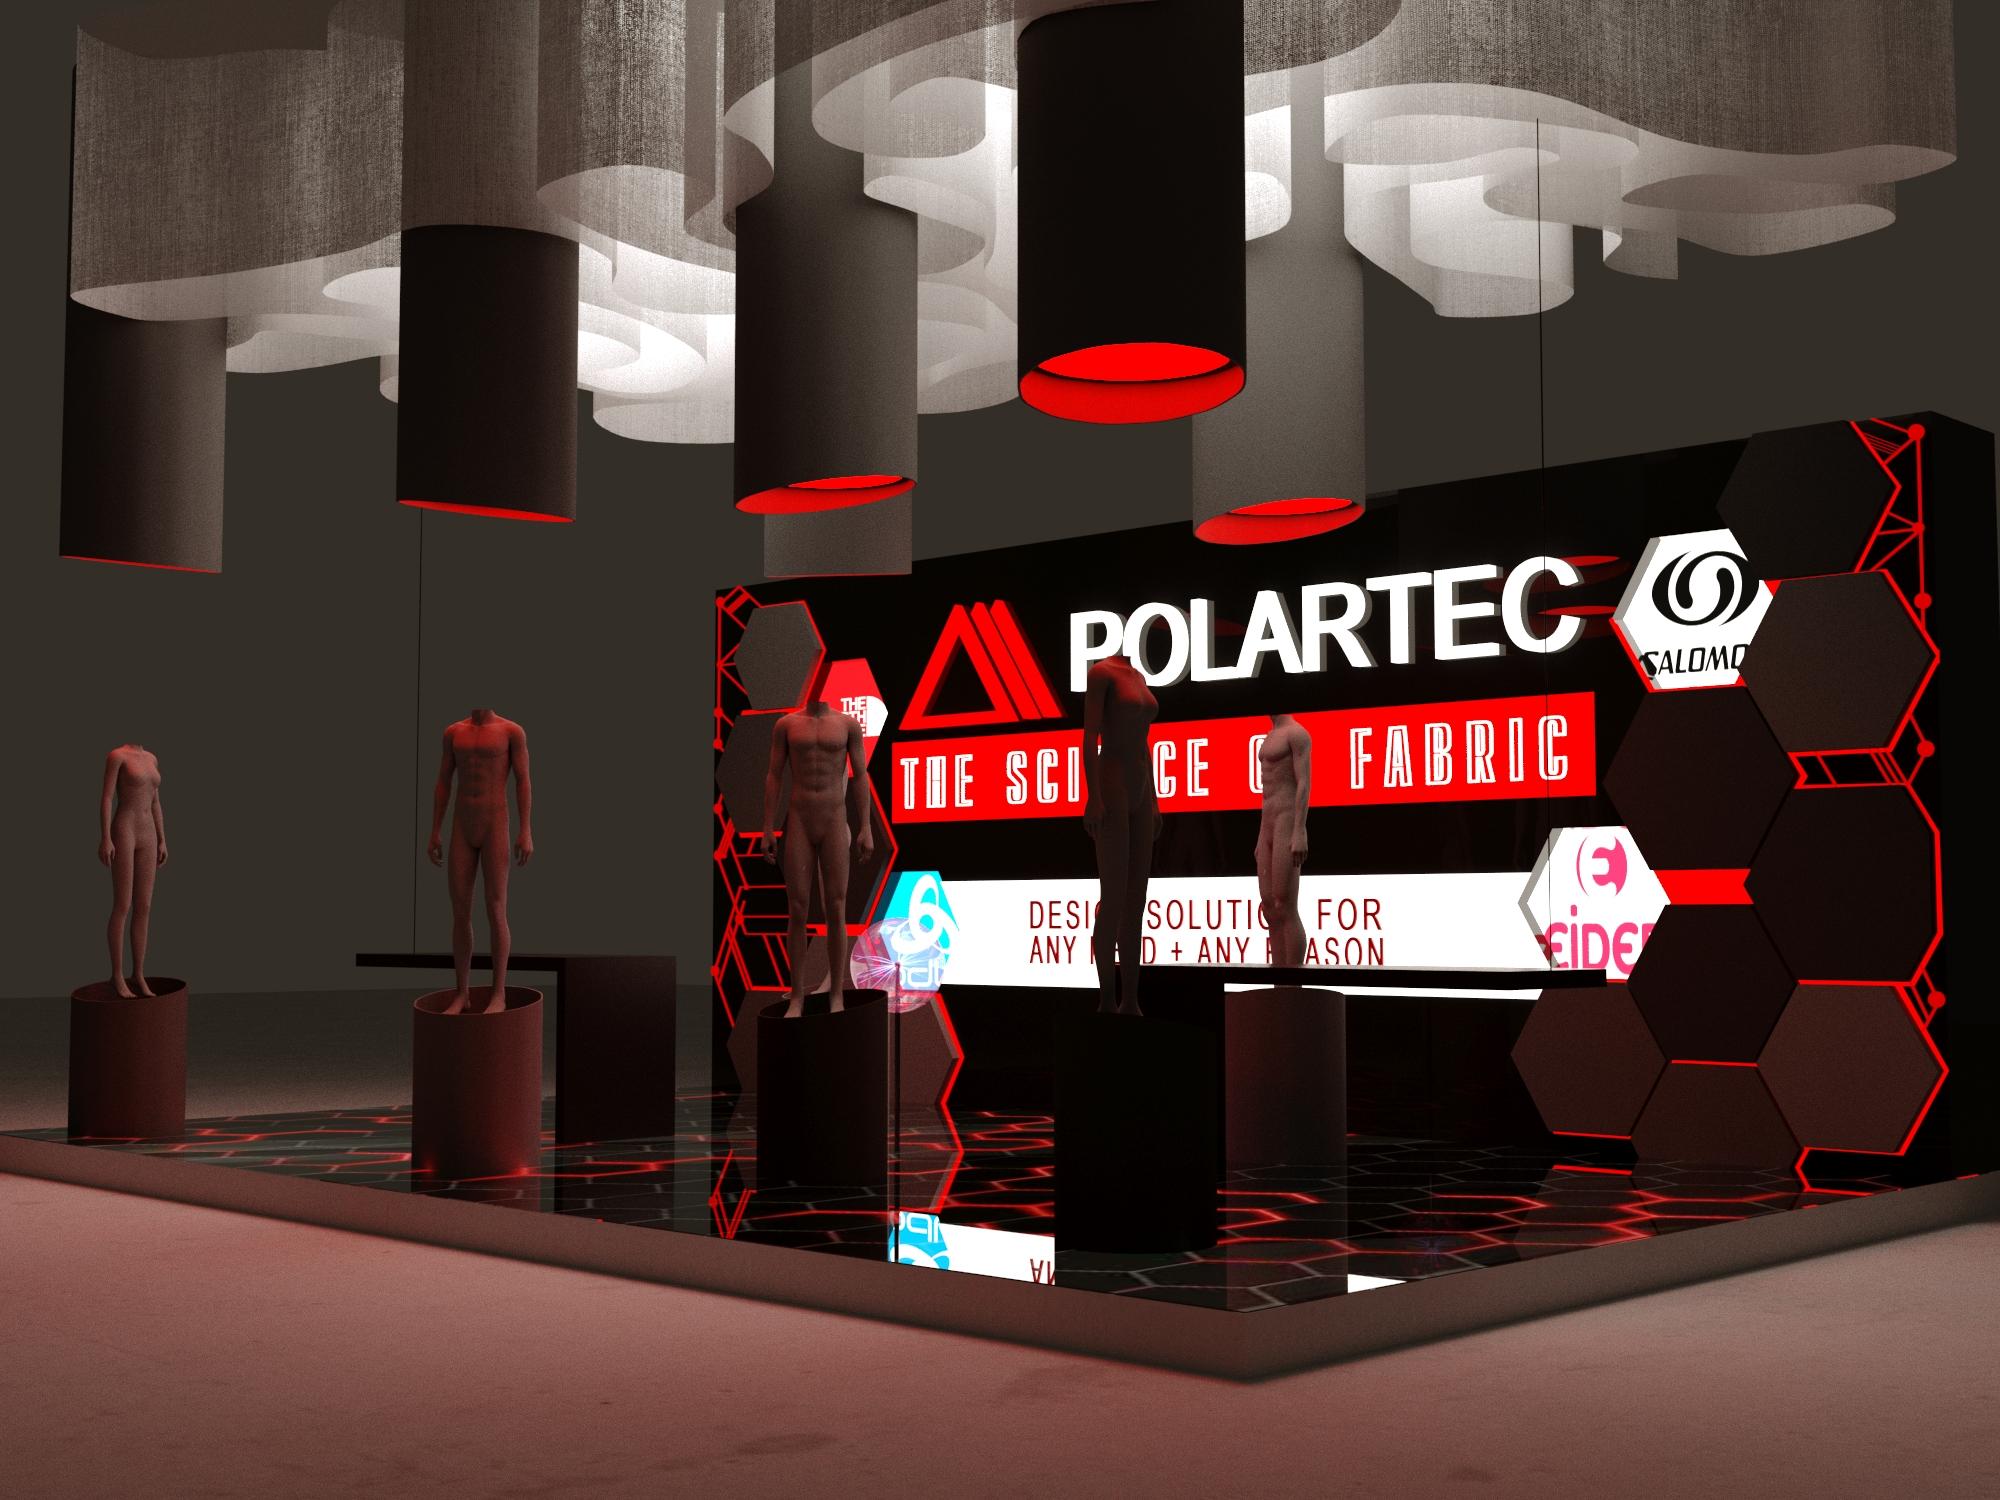 Polartec - Agenda Booth Concept 001C.jpg